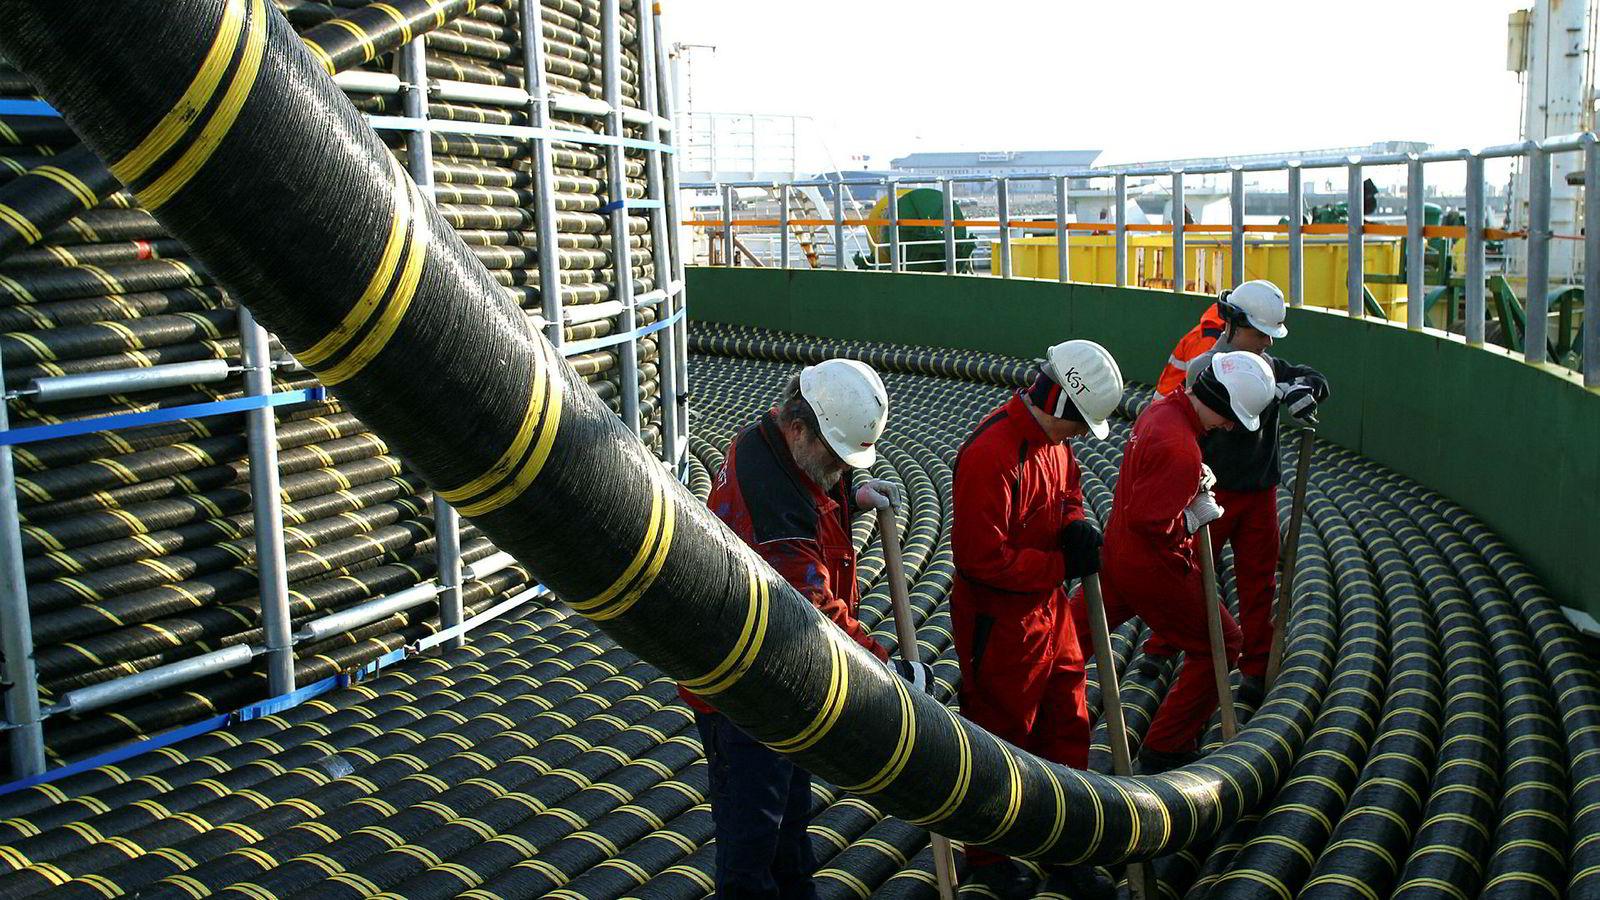 Nye undersjøiske strømkabler fra Norge er blant faktorene som muliggjør stadig større satsing på fornybar energiproduksjon på kontinentet, ifølge Statkraft.